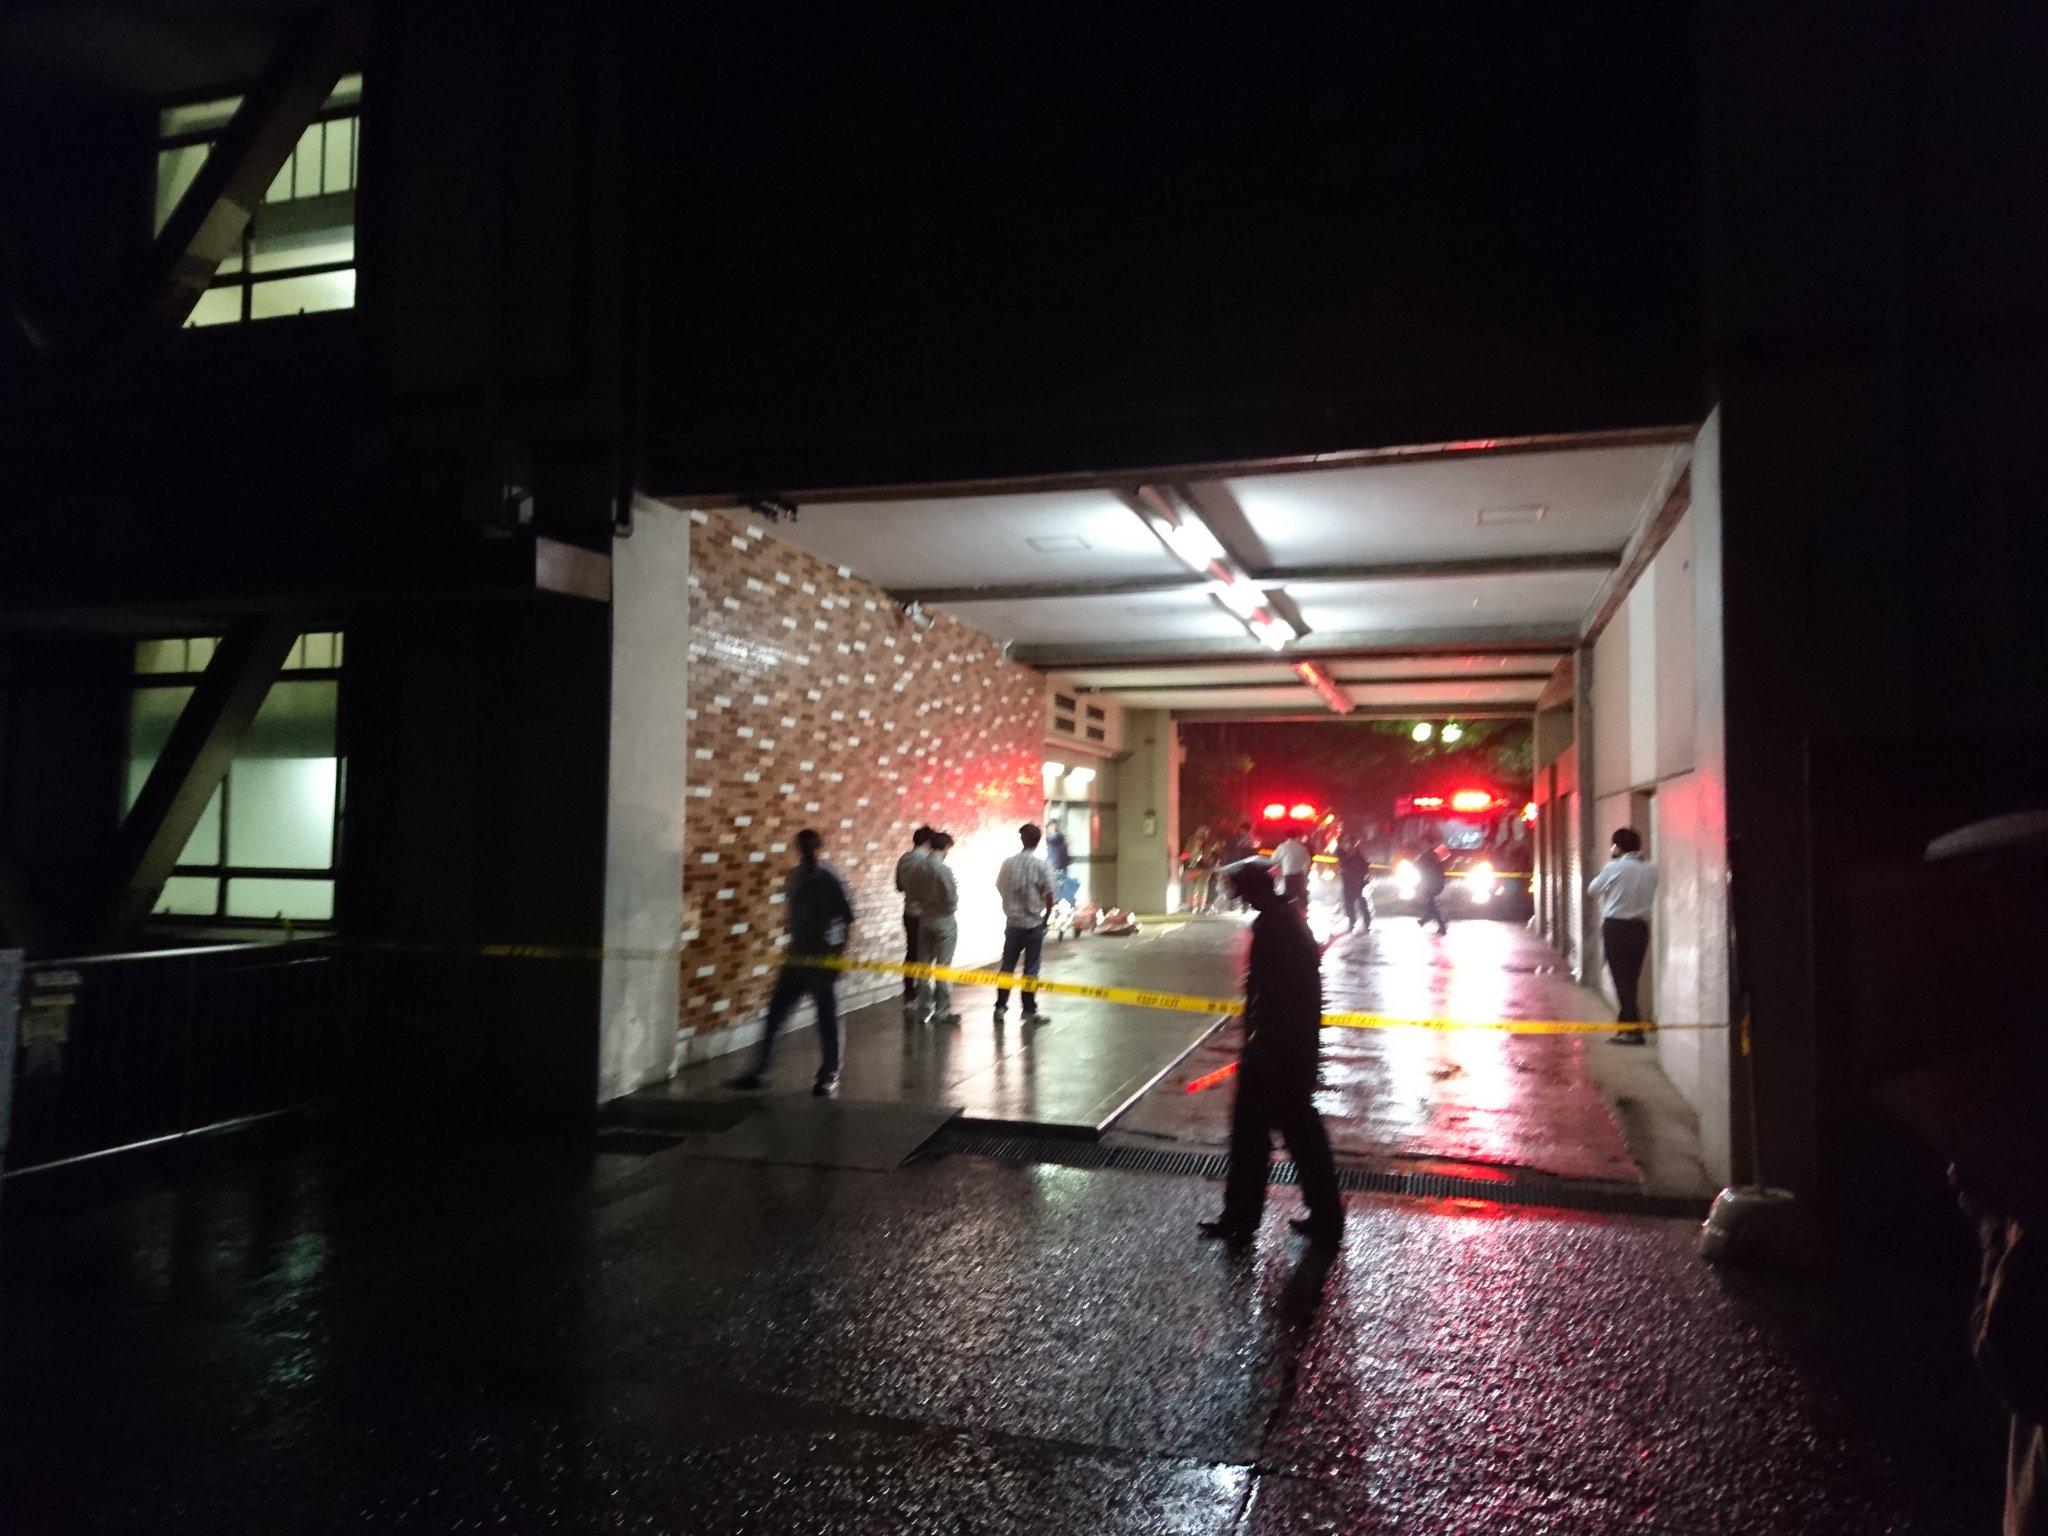 東大の工学部5号館で火事の現場画像